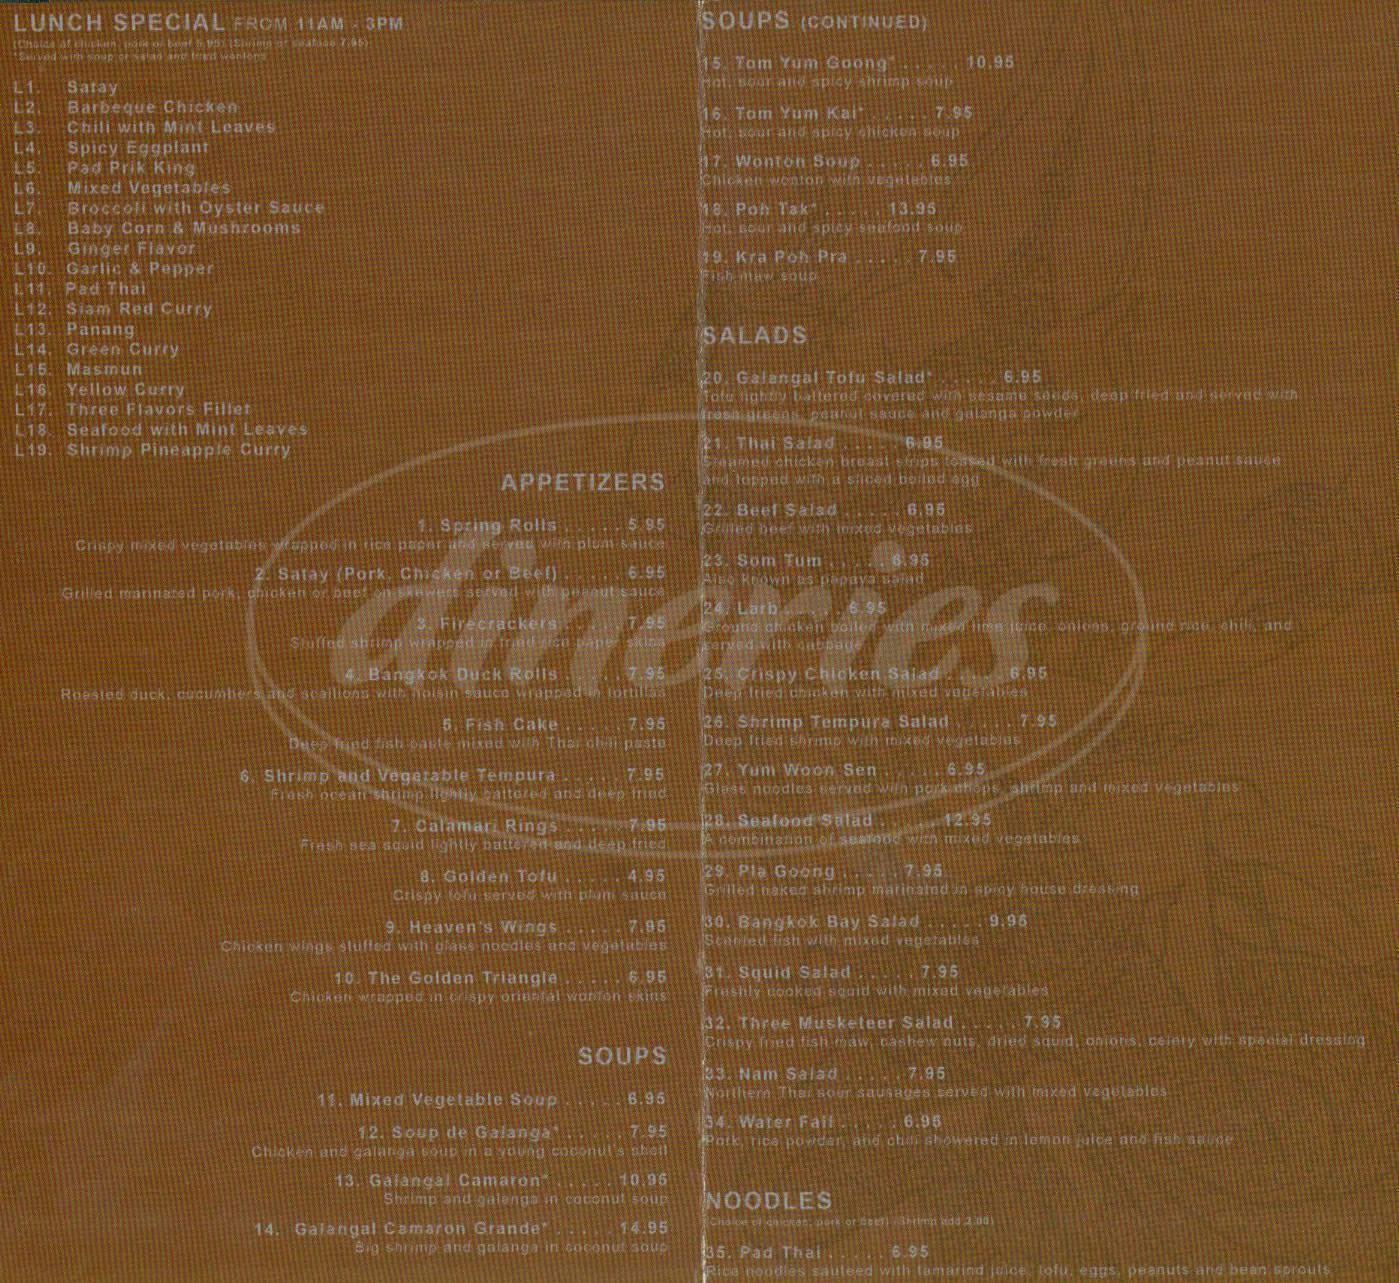 menu for Magic Thai